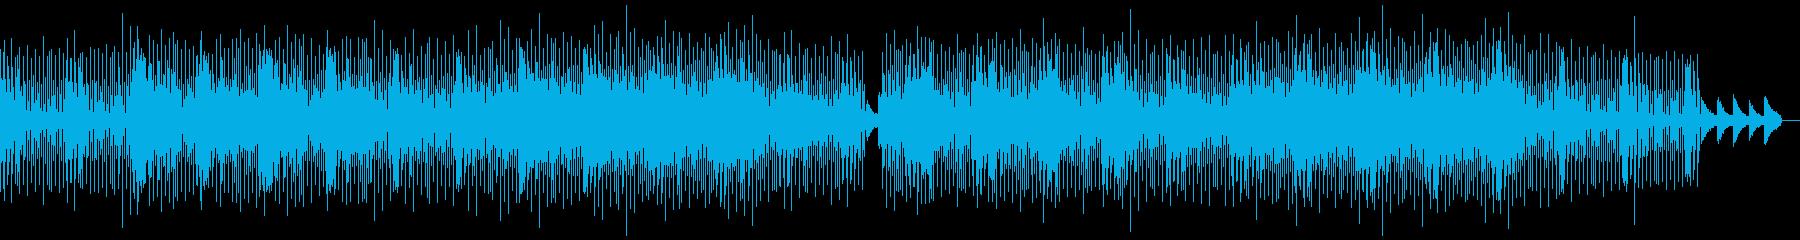 かわいい・ゆったり・若干エレクトロな曲の再生済みの波形